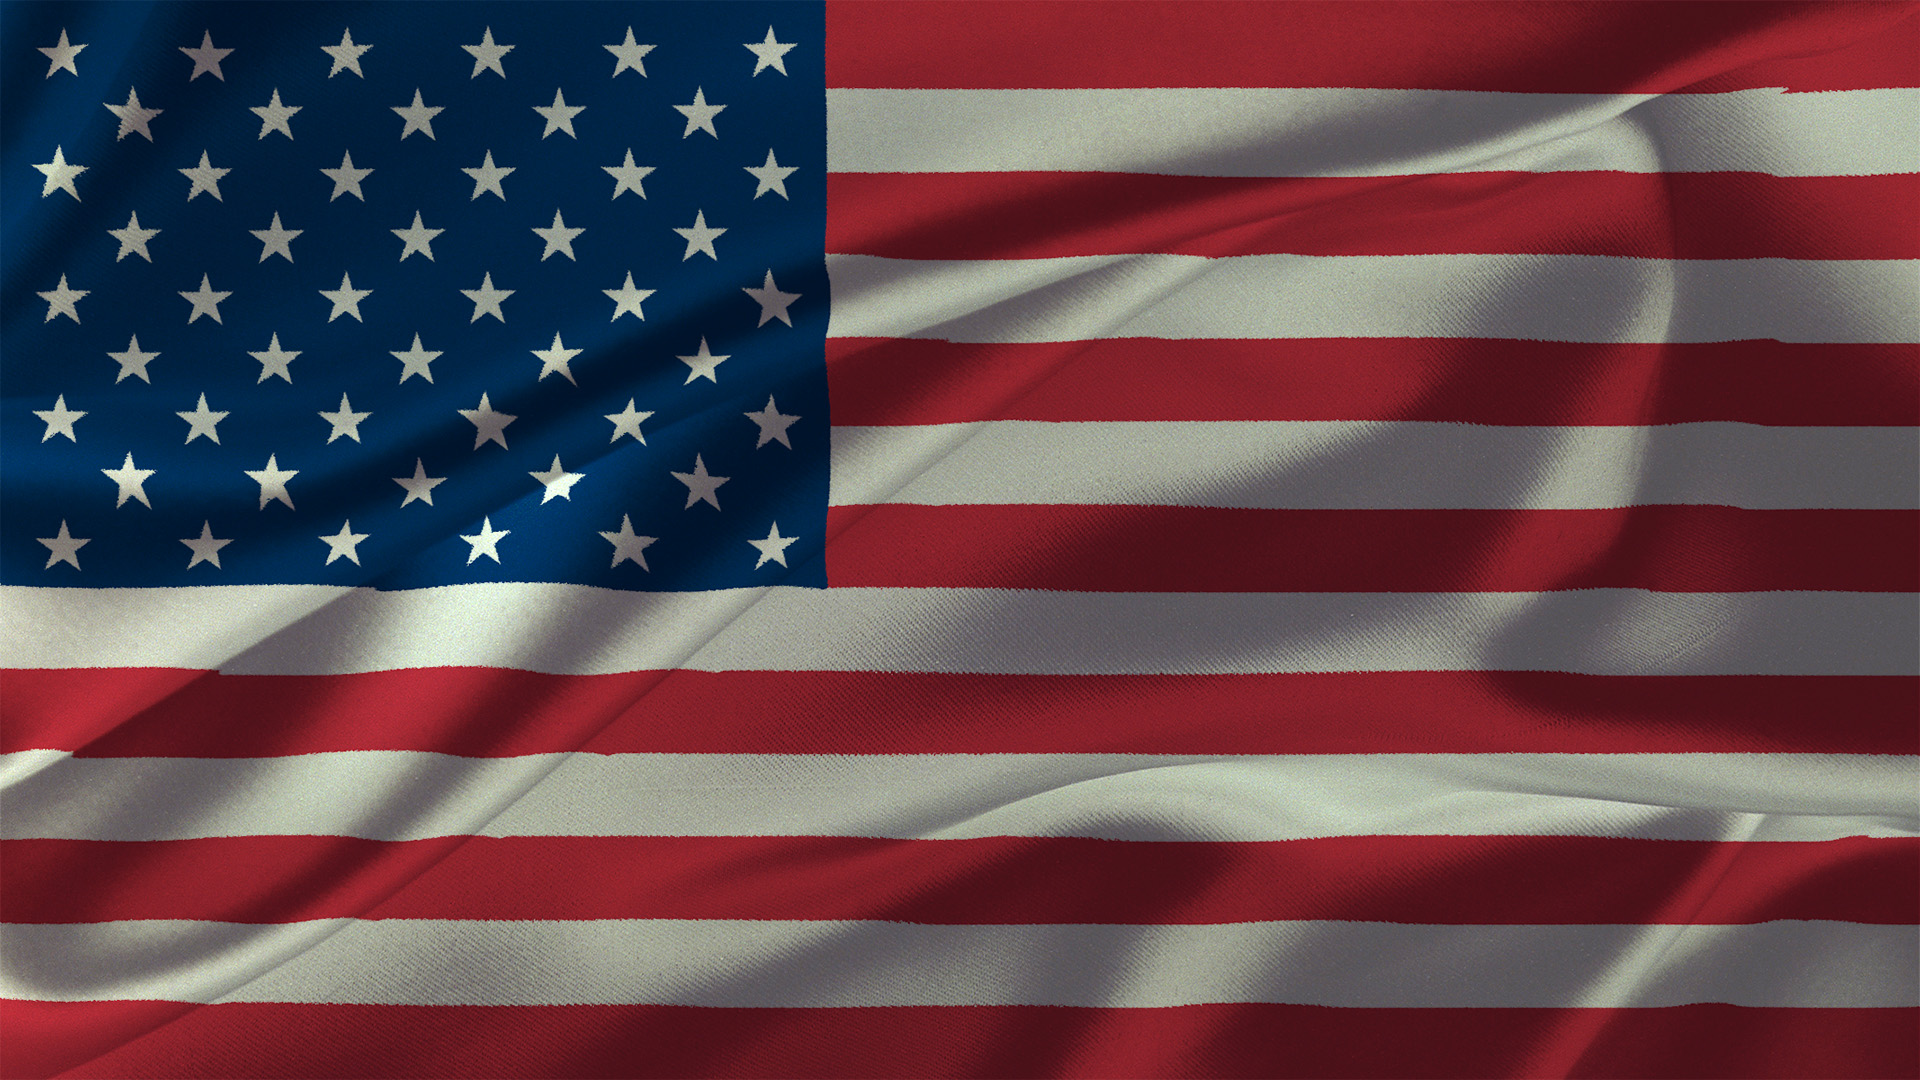 Flagge der Vereinigten Staaten  USA  Hintergrundbilder